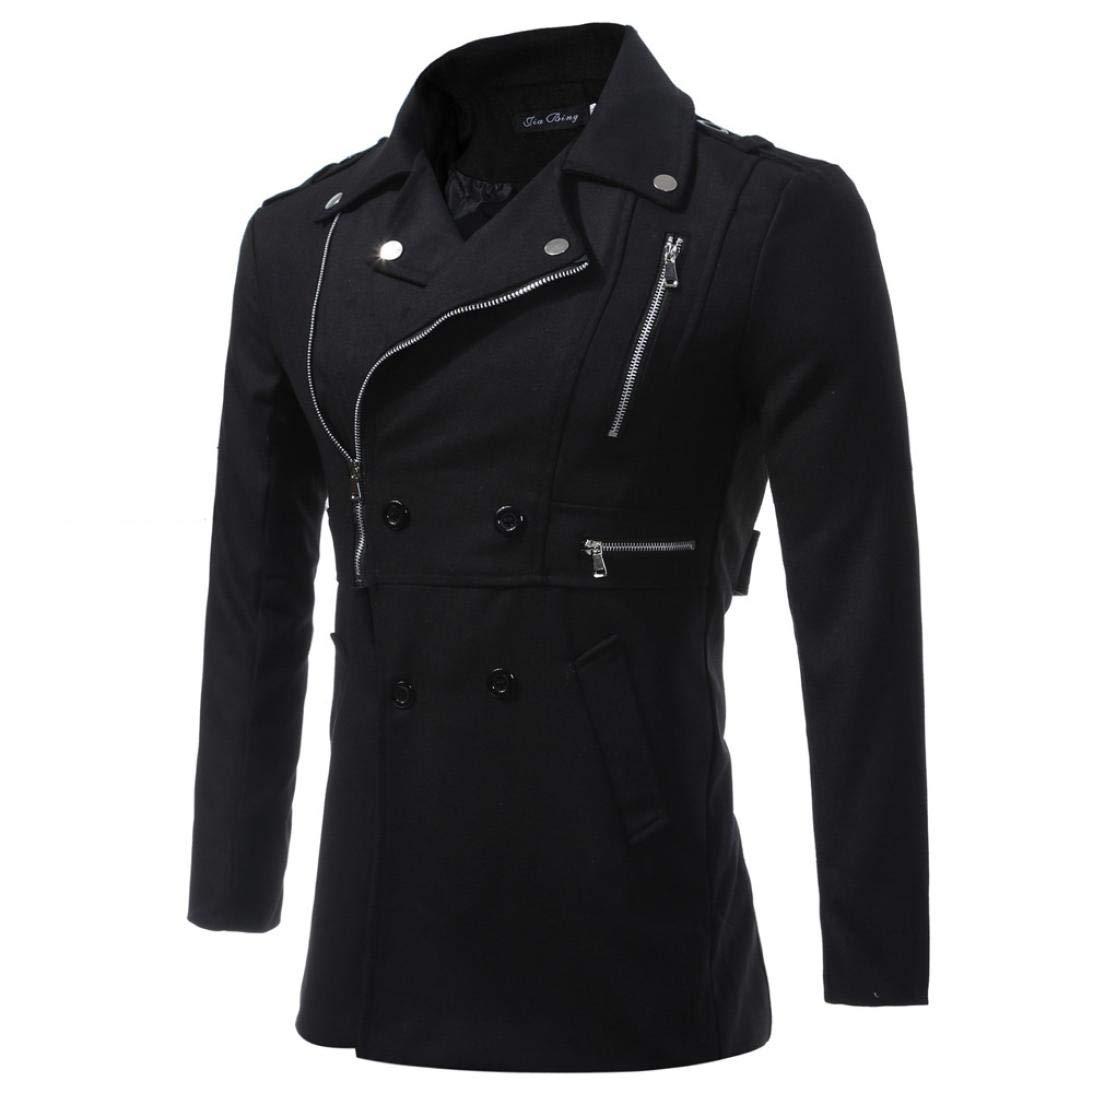 Sharemen Men's Casual Zipper Winter Jackets Outdoor Coat